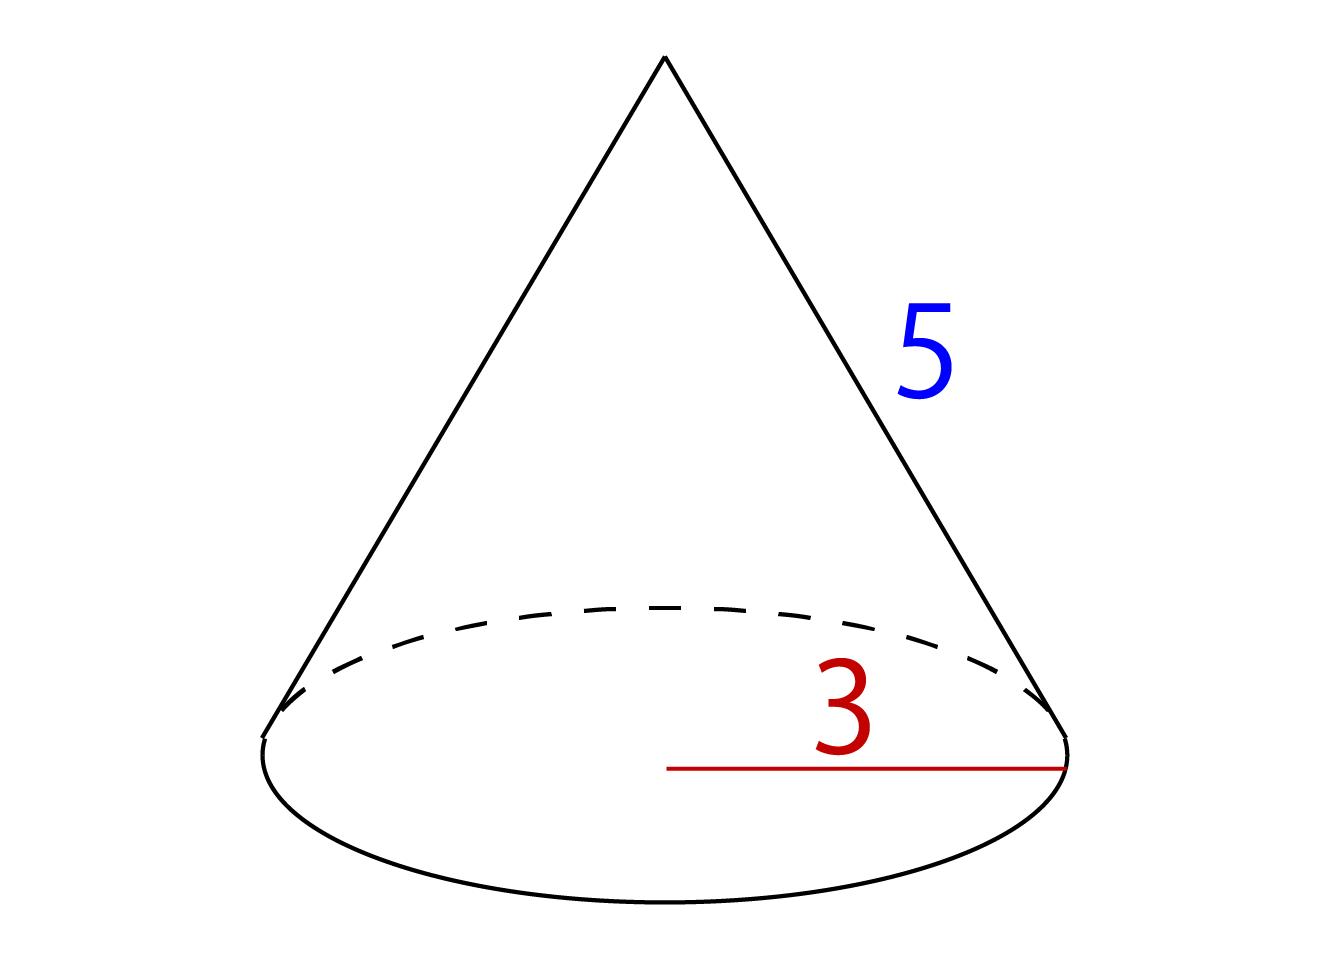 半径が3、母線が5の円錐